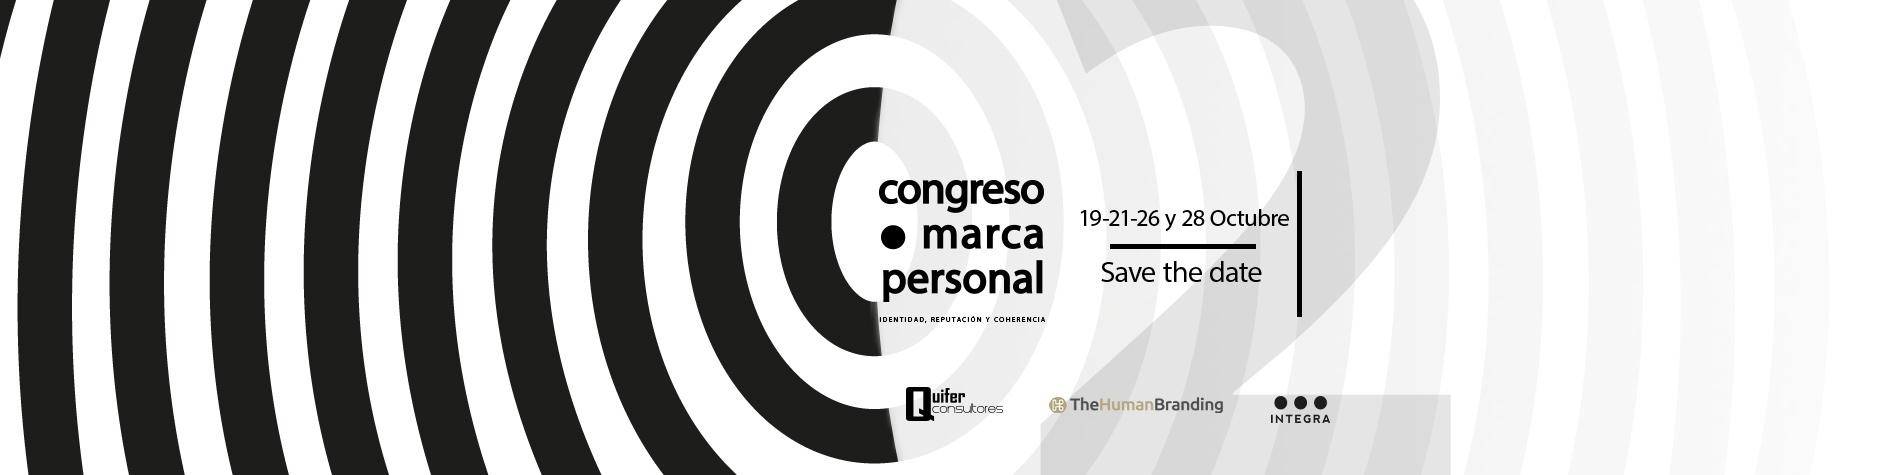 banner congreso marca personal online 2021 octubre